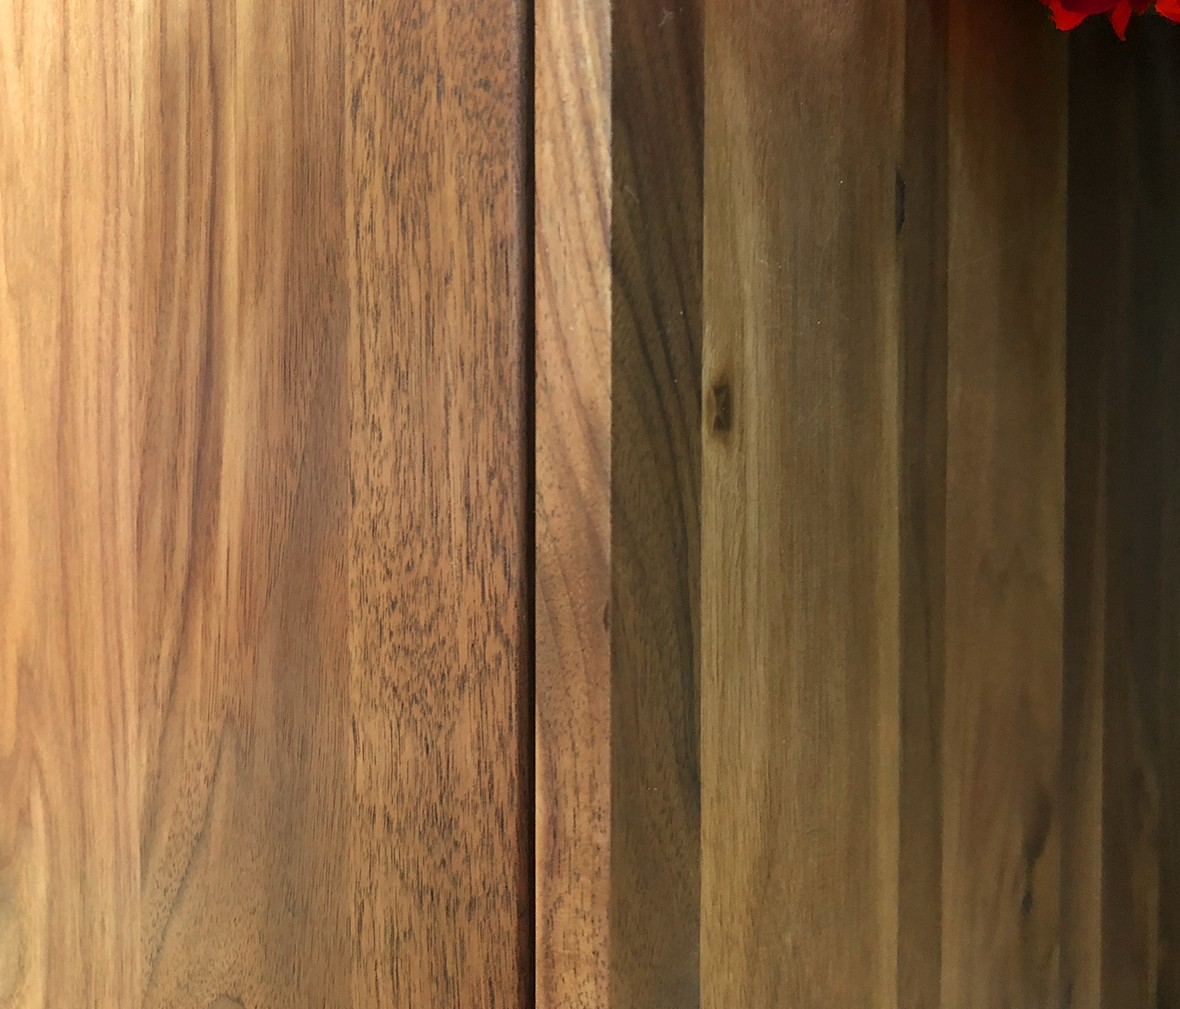 蓝景丽家 百强 新德堡系列7Z104-ZH2型号四门衣柜 黑胡桃材质现代简约卧室家具,图片、价格、品牌、评测样样齐全!【蓝景商城正品行货,蓝景丽家大钟寺家居广场提货,北京地区配送,领券更优惠,线上线下同品同价,立即购买享受更多优惠哦!】